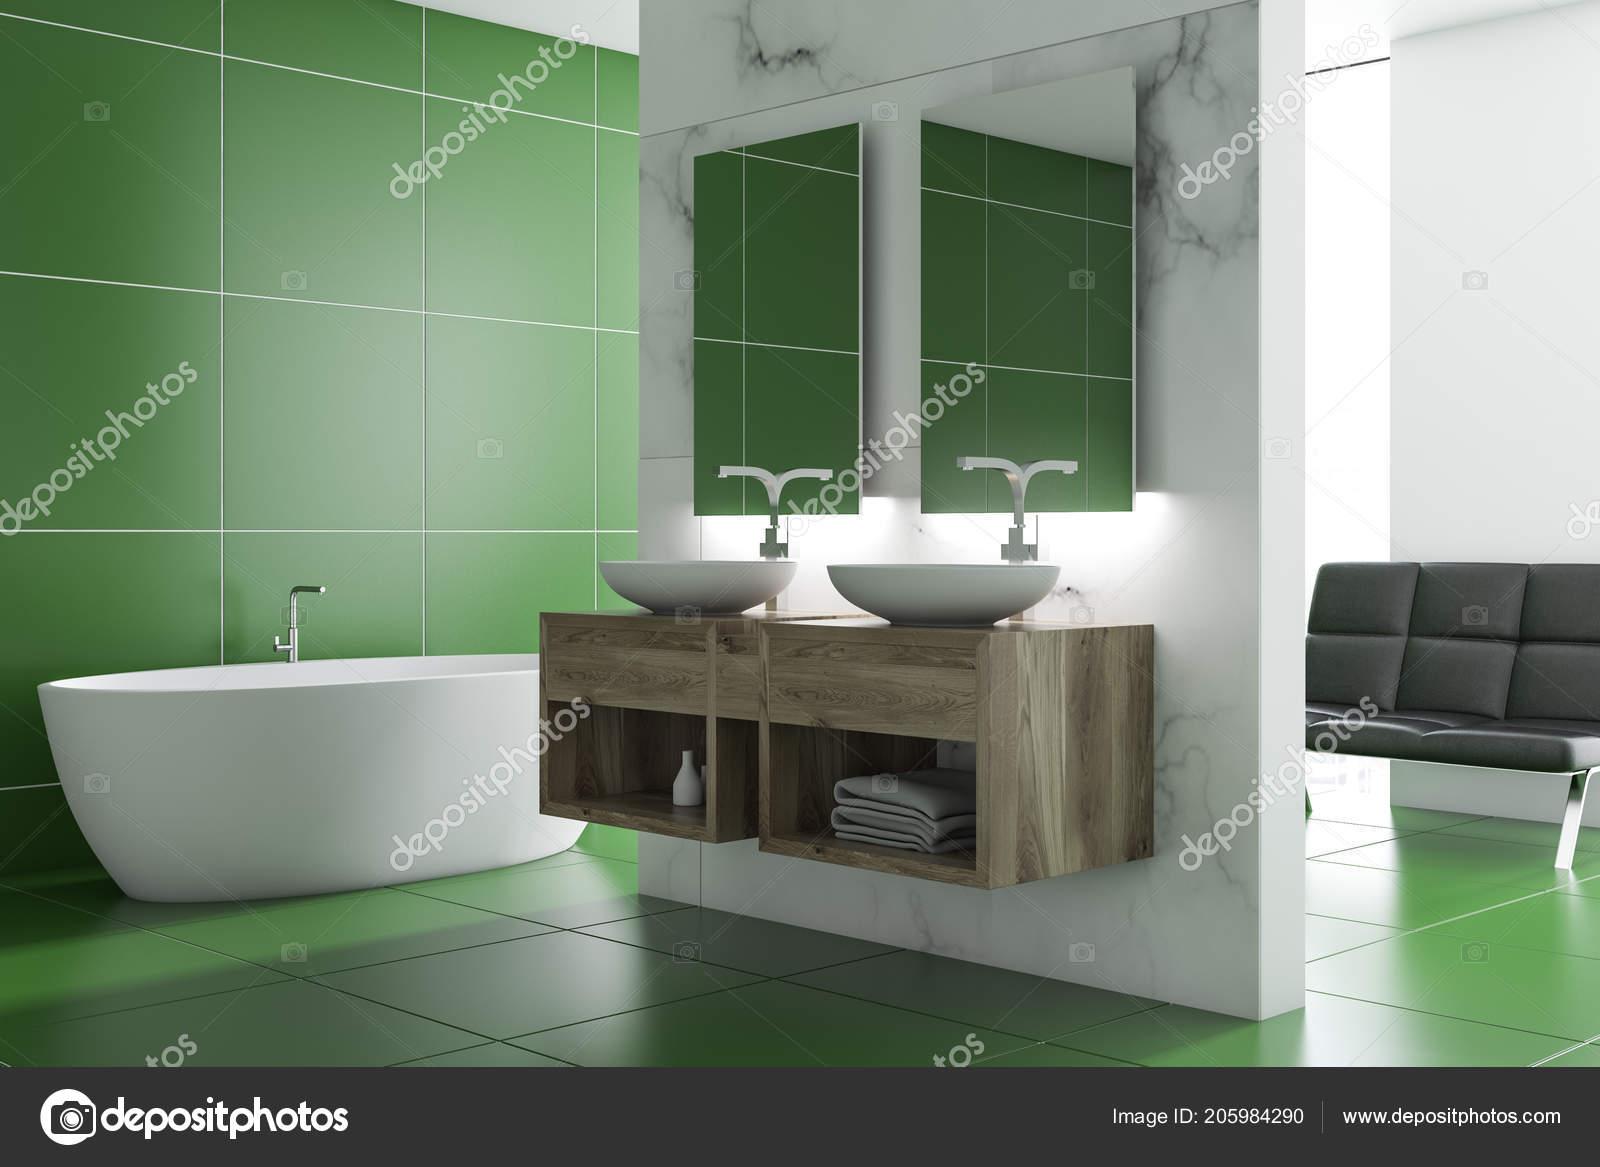 Grünen Fliesen Badezimmer Interieur Mit Einer Weißen Wanne Zwei ...